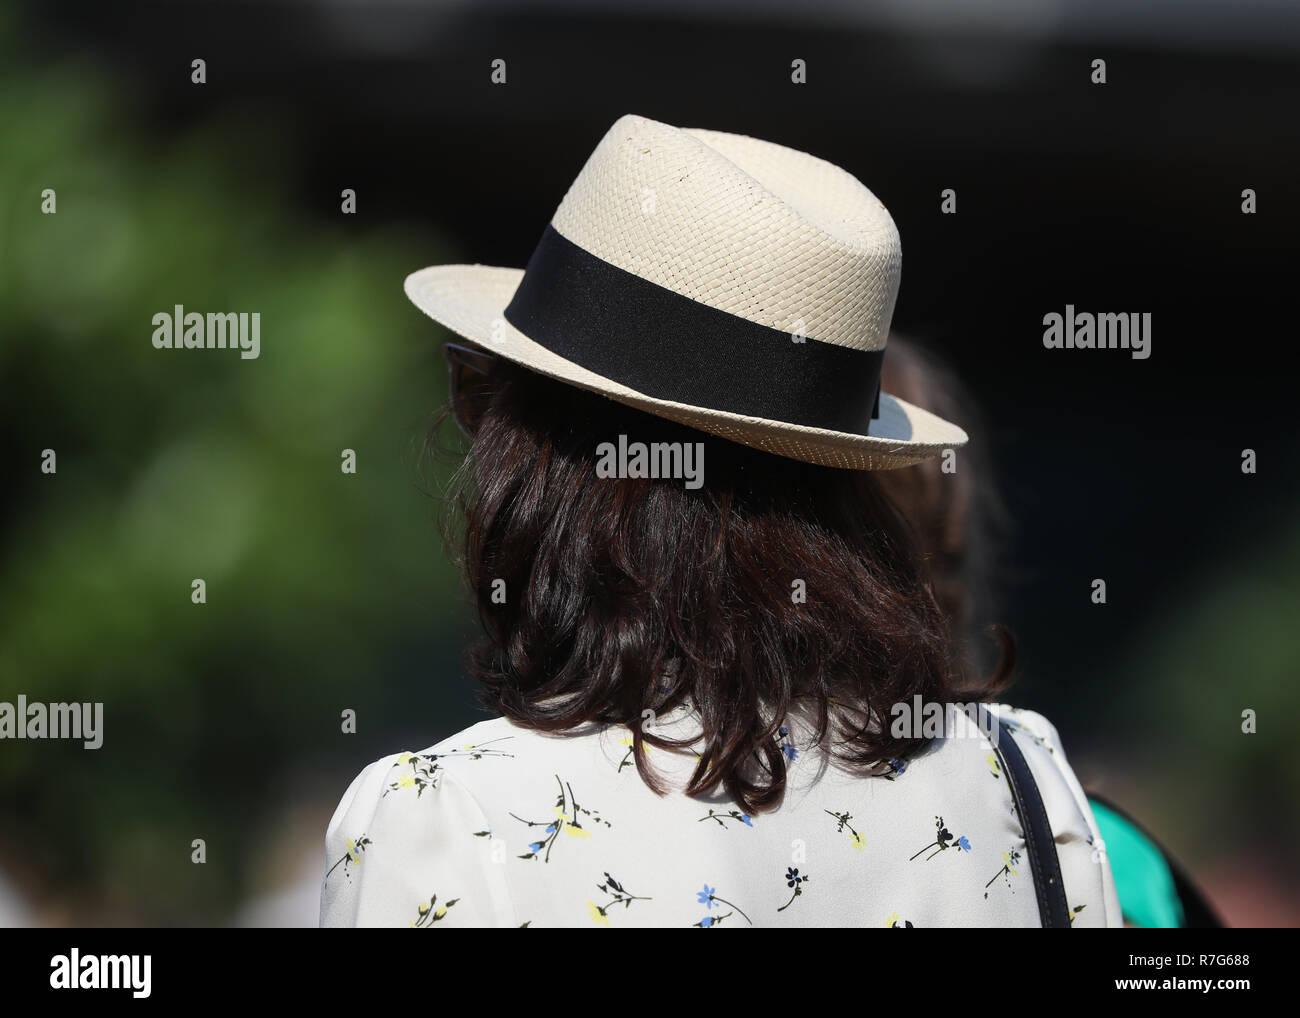 Straw Hat Straw Fan Straw Stock Photos   Straw Hat Straw Fan Straw ... 0a8fd9d9c3e